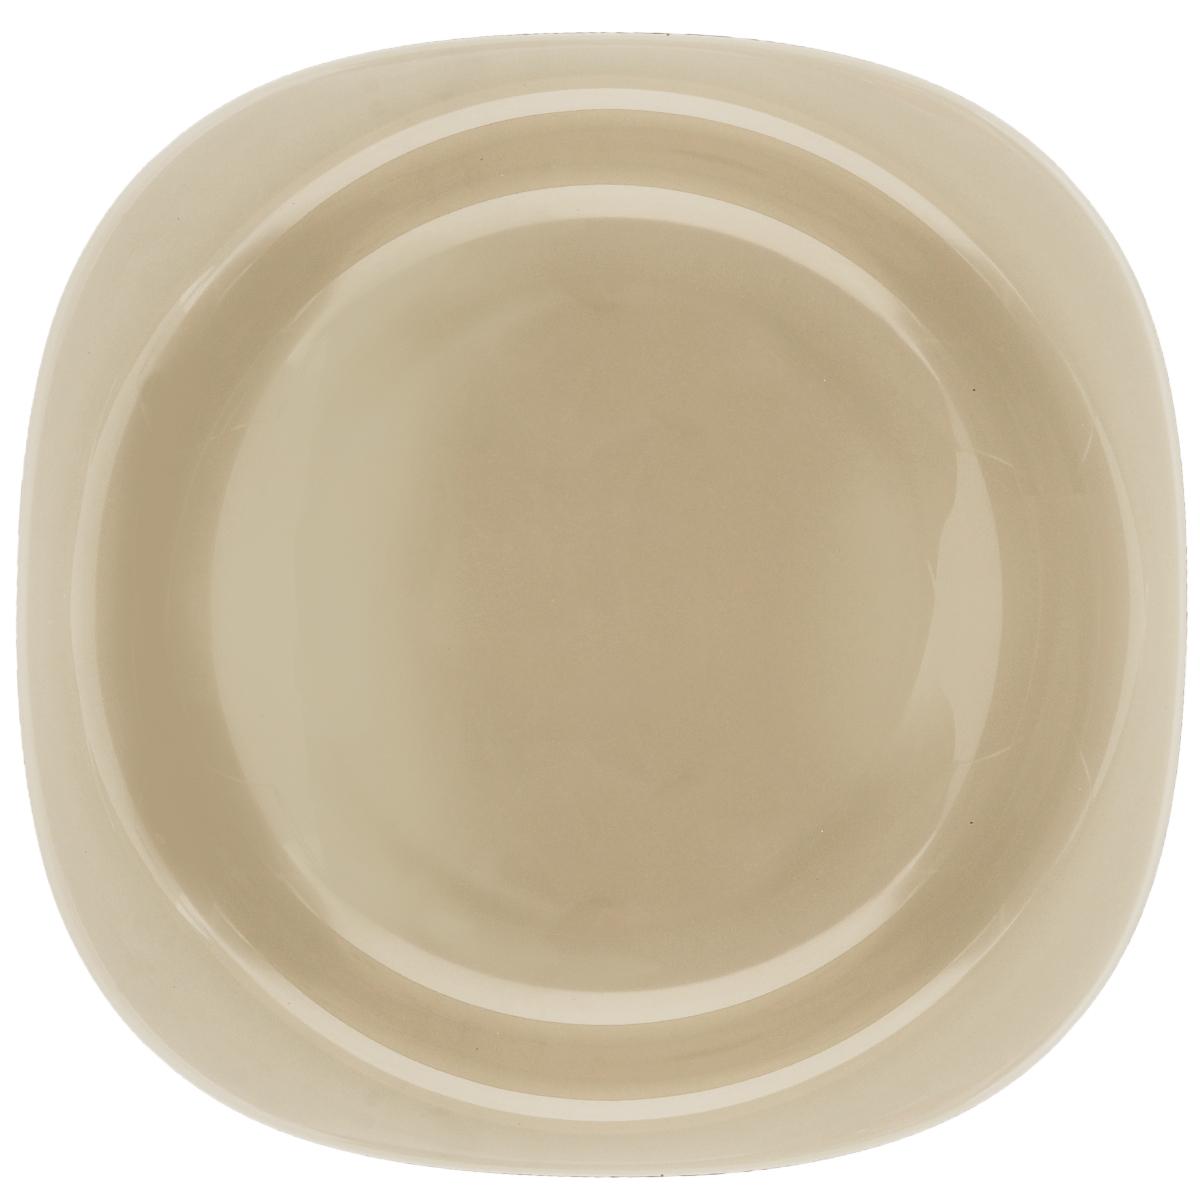 Тарелка глубокая Luminarc Carine Eclipse, 21 х 21 смH0395Глубокая тарелка Luminarc Carine Eclipse выполнена изударопрочного стекла и оформлена в классическом стиле.Изделие сочетает в себе изысканный дизайн с максимальнойфункциональностью. Она прекрасно впишется винтерьер вашей кухни и станет достойным дополнениемк кухонному инвентарю. Тарелка Luminarc Carine Eclipse подчеркнет прекрасный вкус хозяйкии станет отличным подарком. Размер (по верхнему краю): 21 х 21 см.